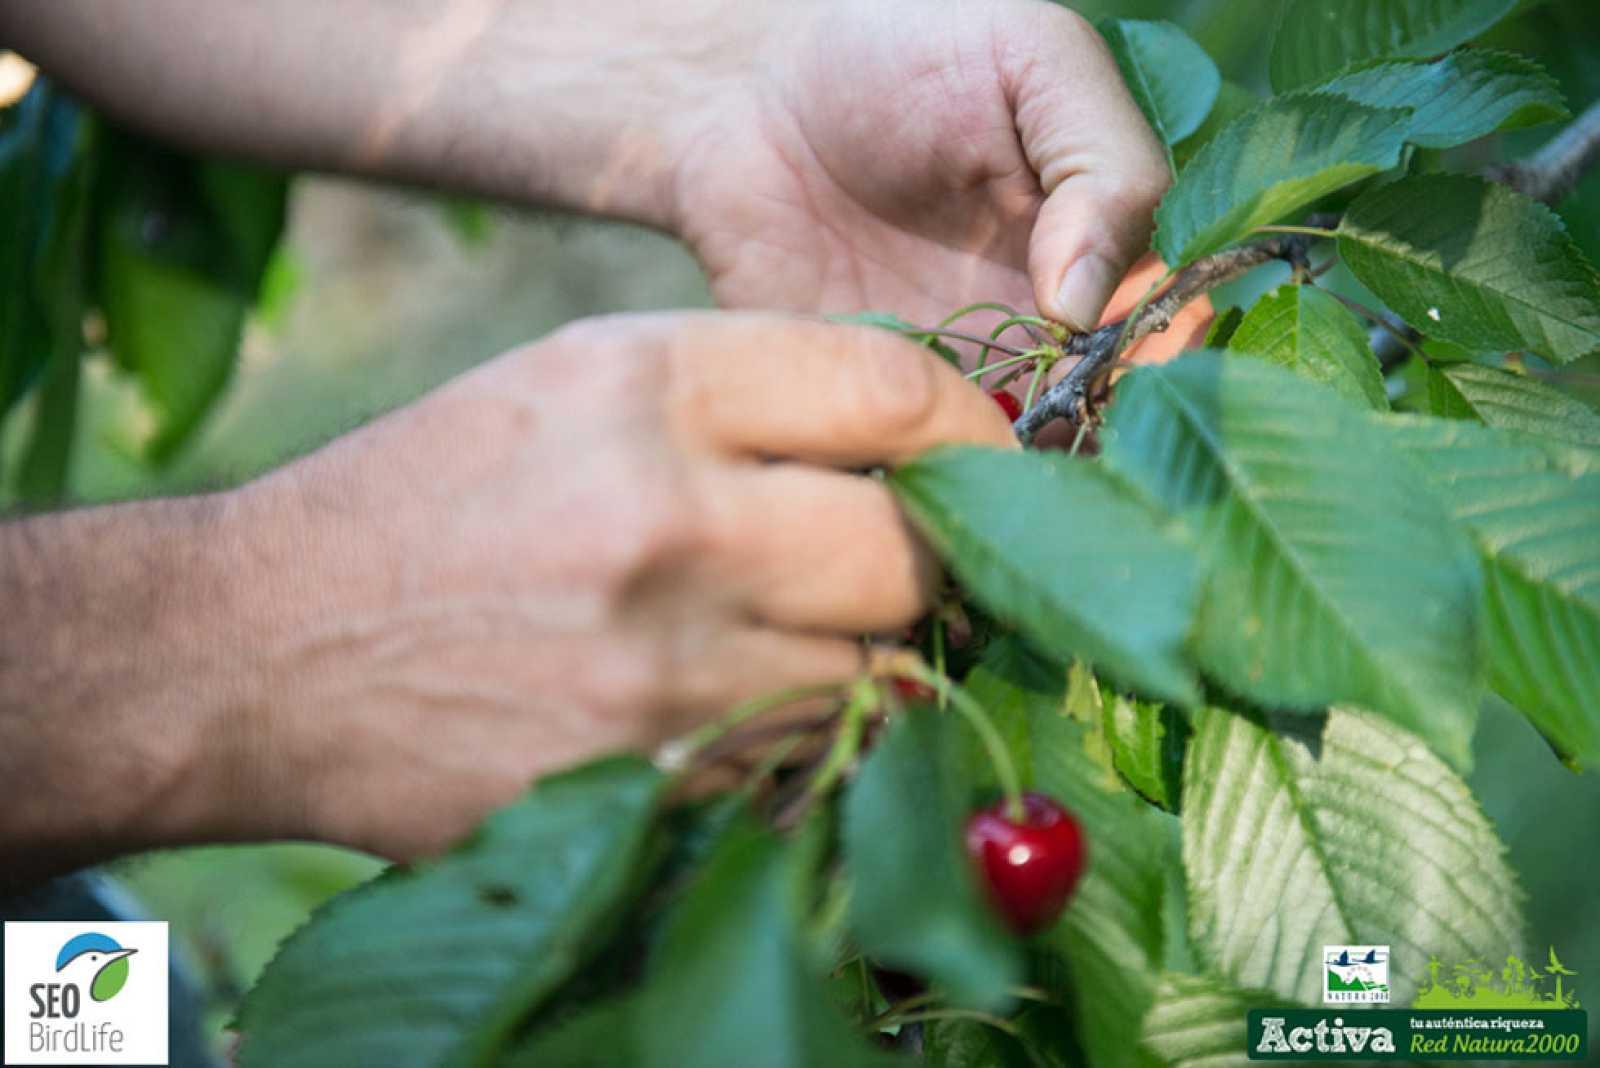 Red Natura 2000 - El Rincón de los cerezos